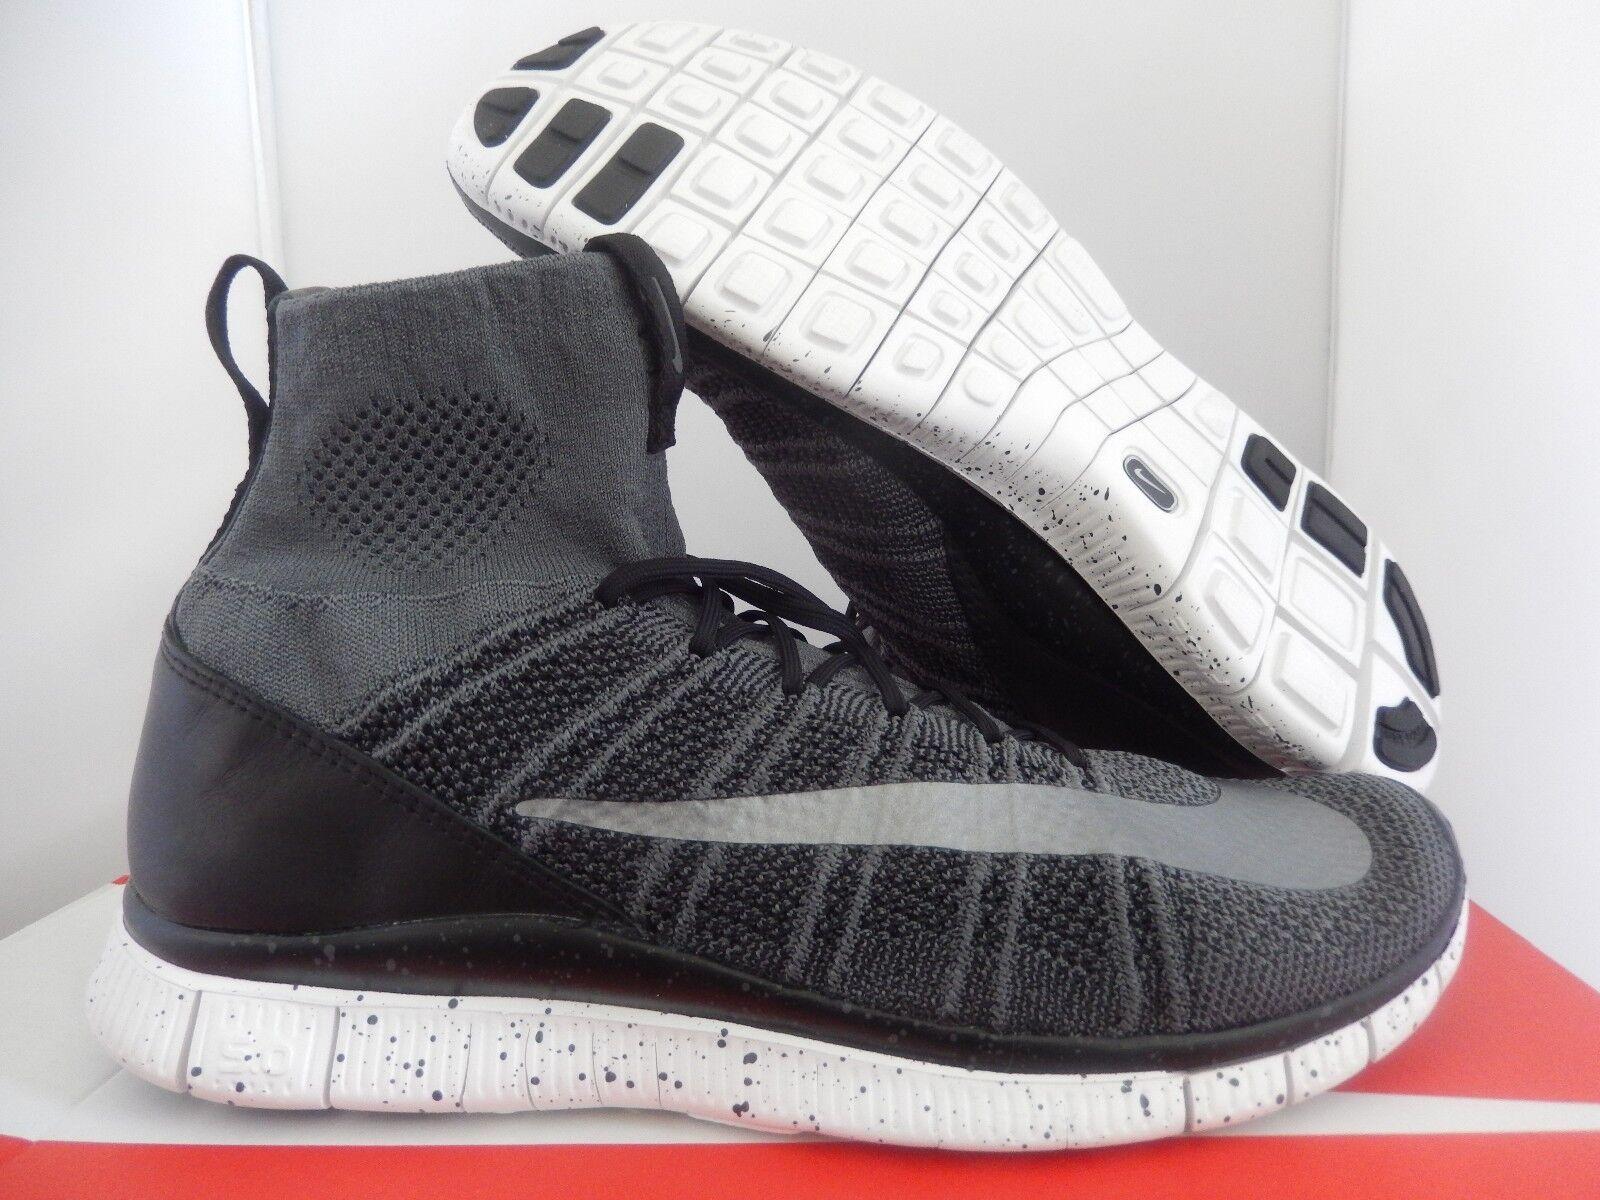 new products 1f721 7b885 Nike Free Flyknit mercurial Dark Gris-Plata-Negro-Blanco reduccion de  precio precio